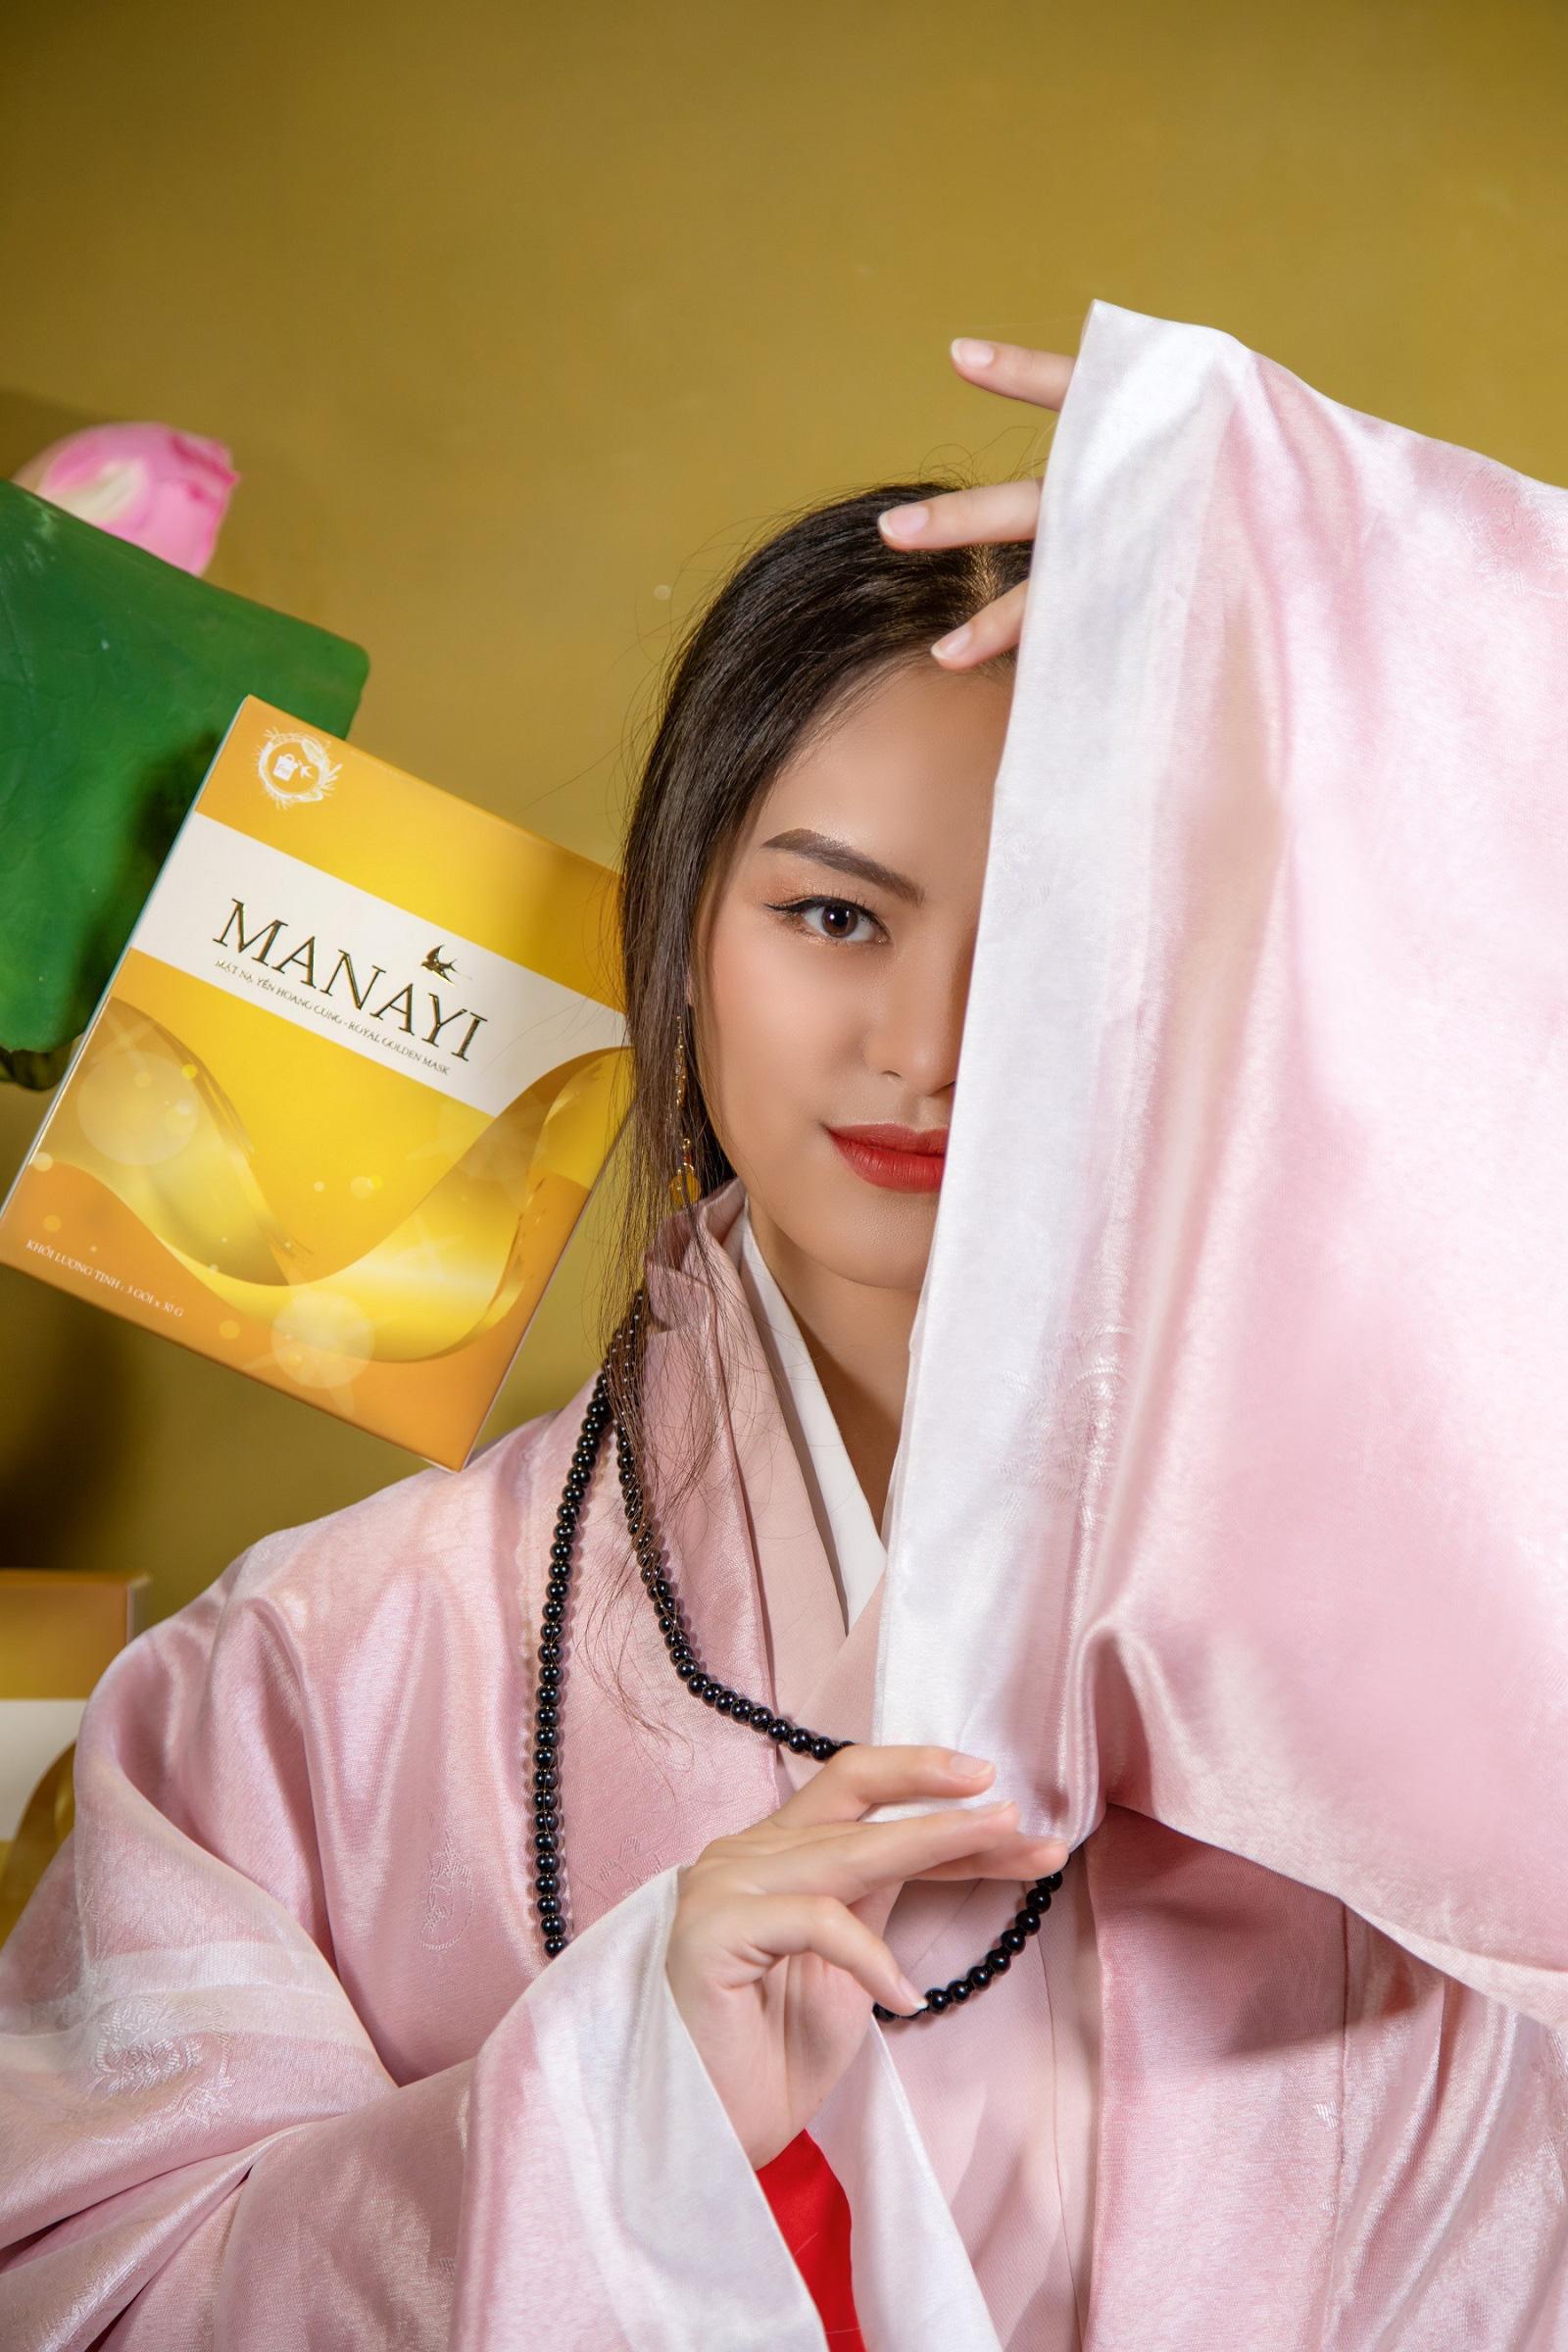 """Ấn tượng bộ ảnh """"Manayi - vàng son một thuở"""" tôn vinh hương sắc đất Việt ngàn năm - Ảnh 8."""